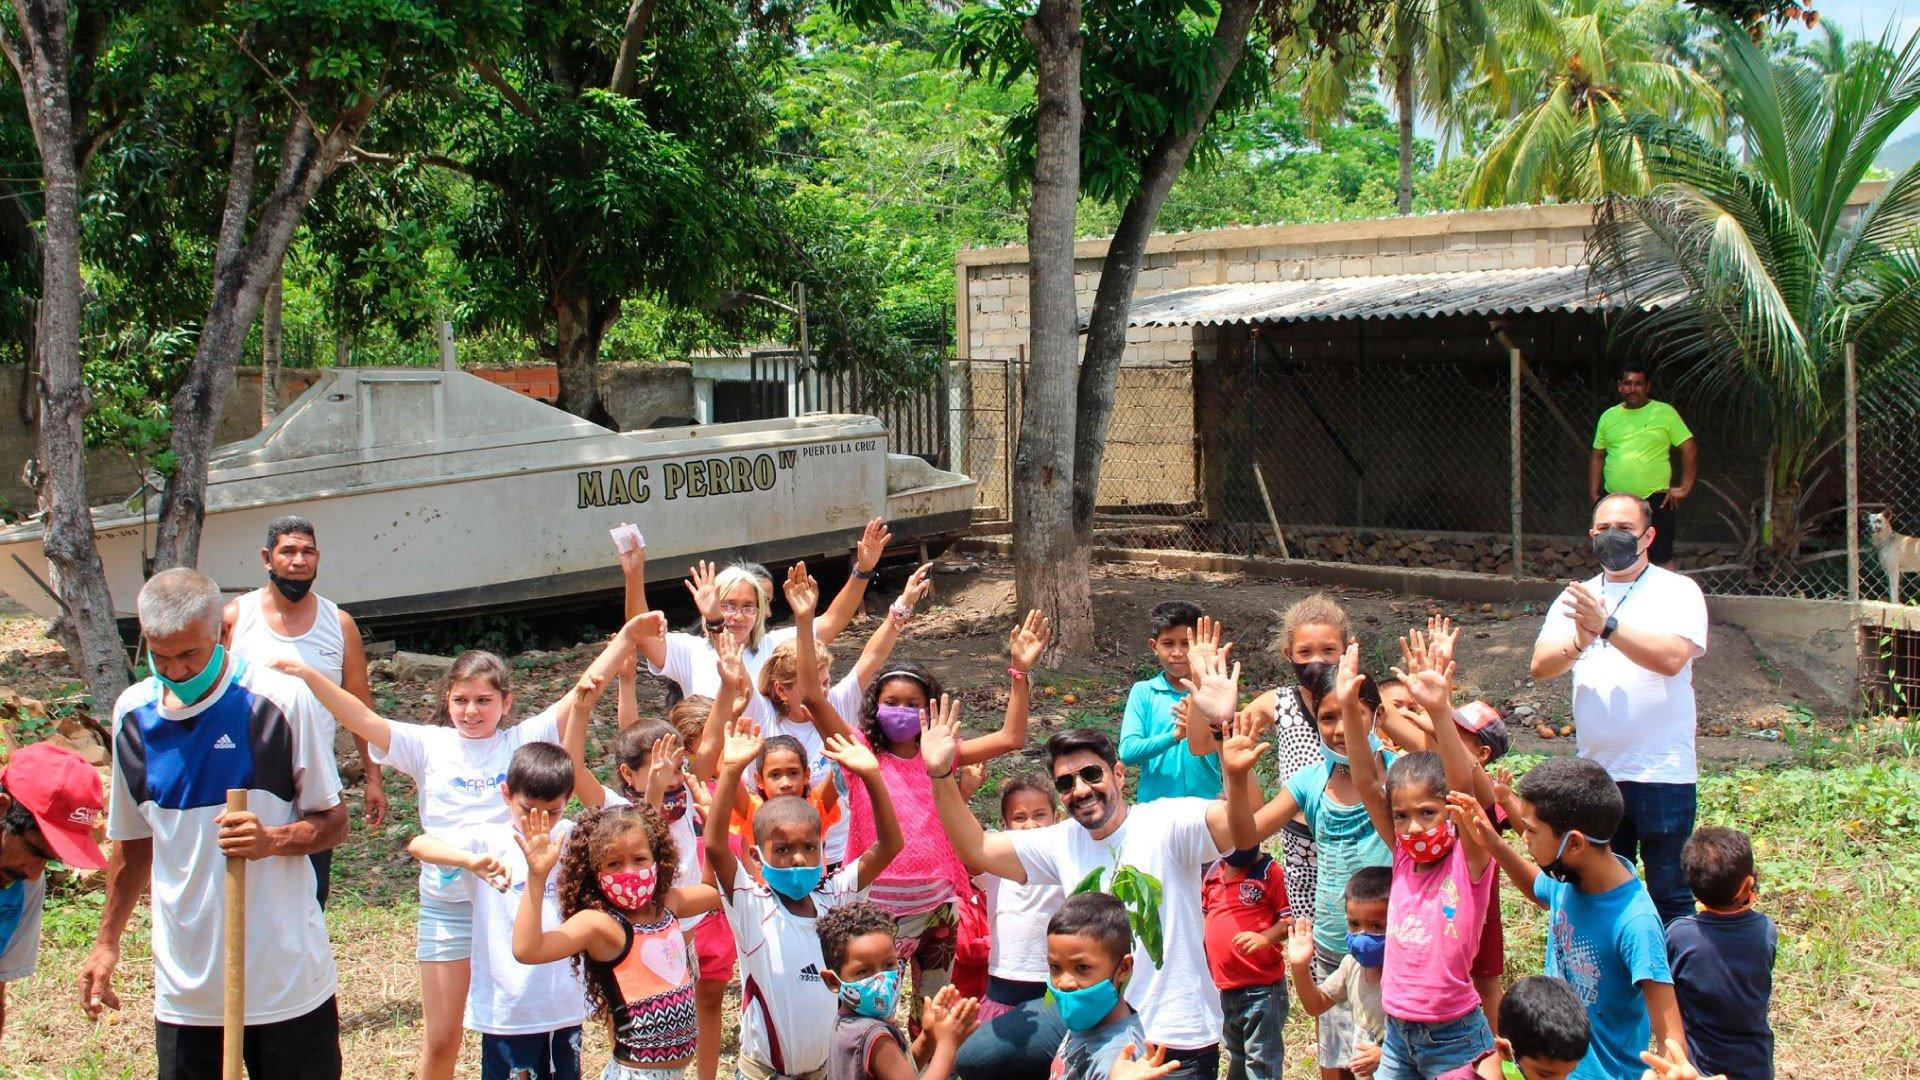 203342754 220933339857457 8929201015135964274 n3 - ¿Cómo ayudar al pobre y al necesitado?